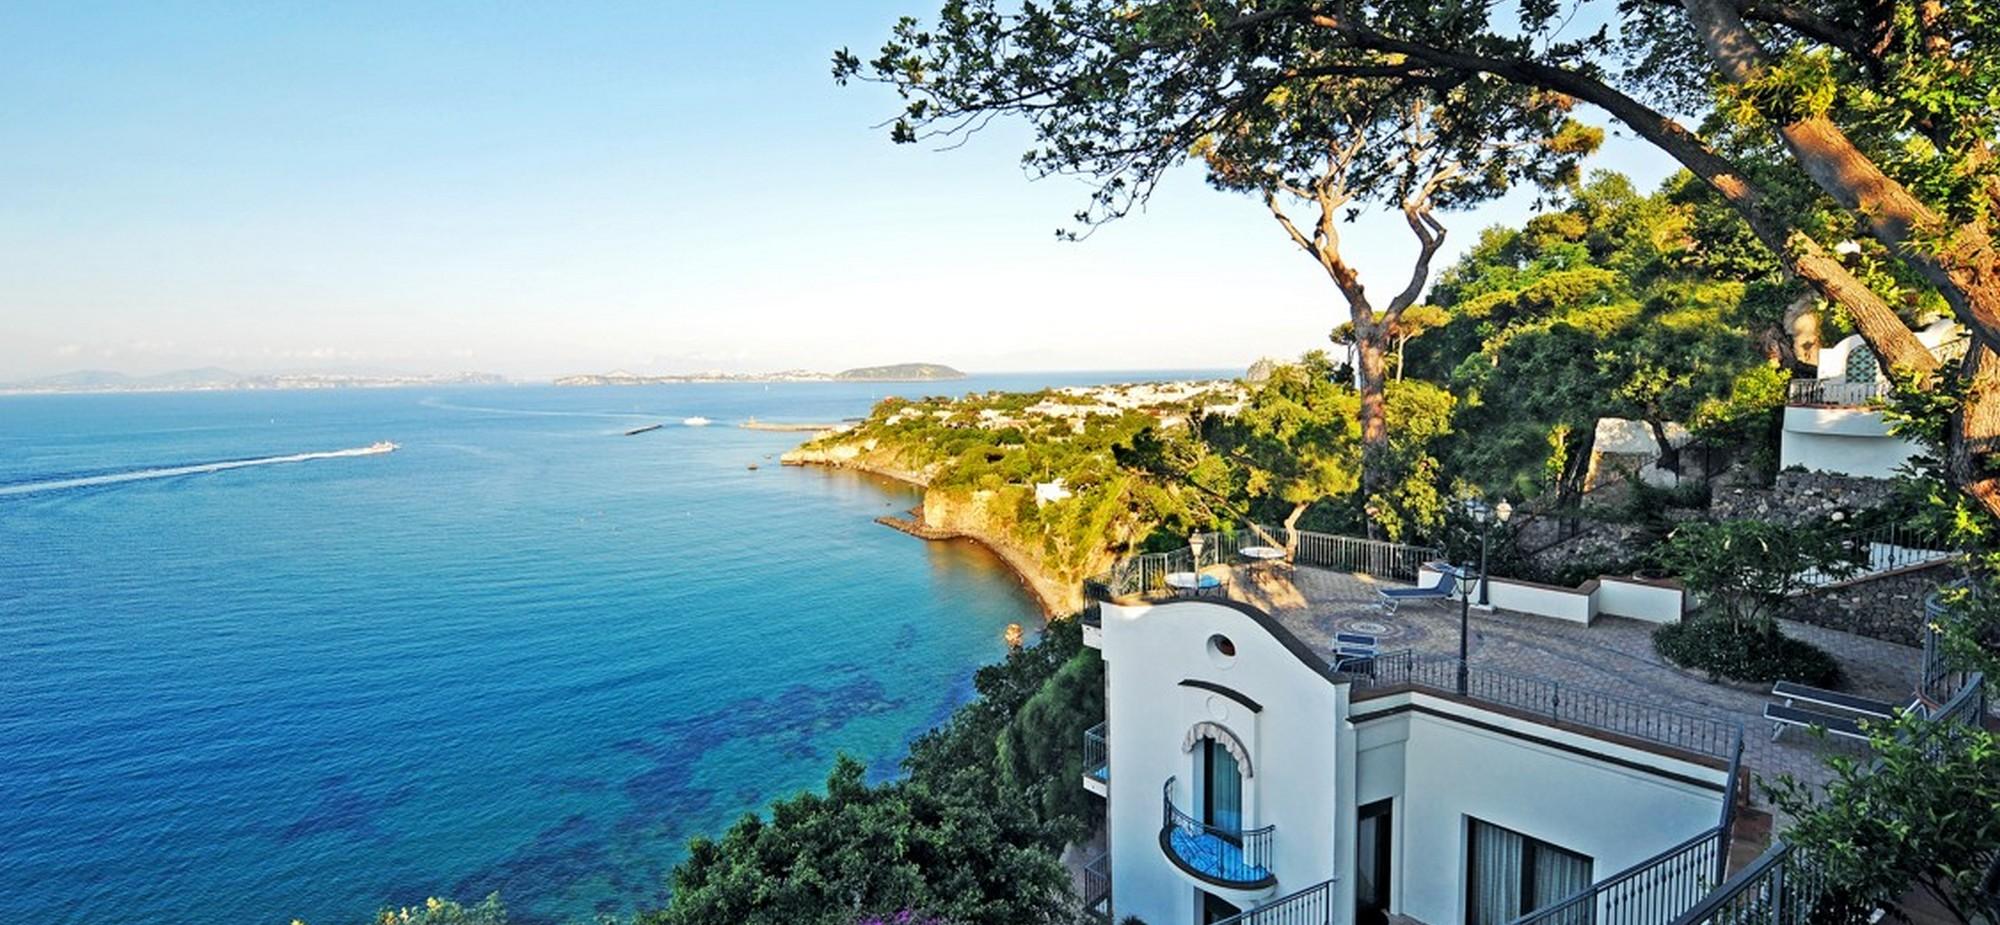 Hotel My Age Ischia - Panorama del Porto di Ischia